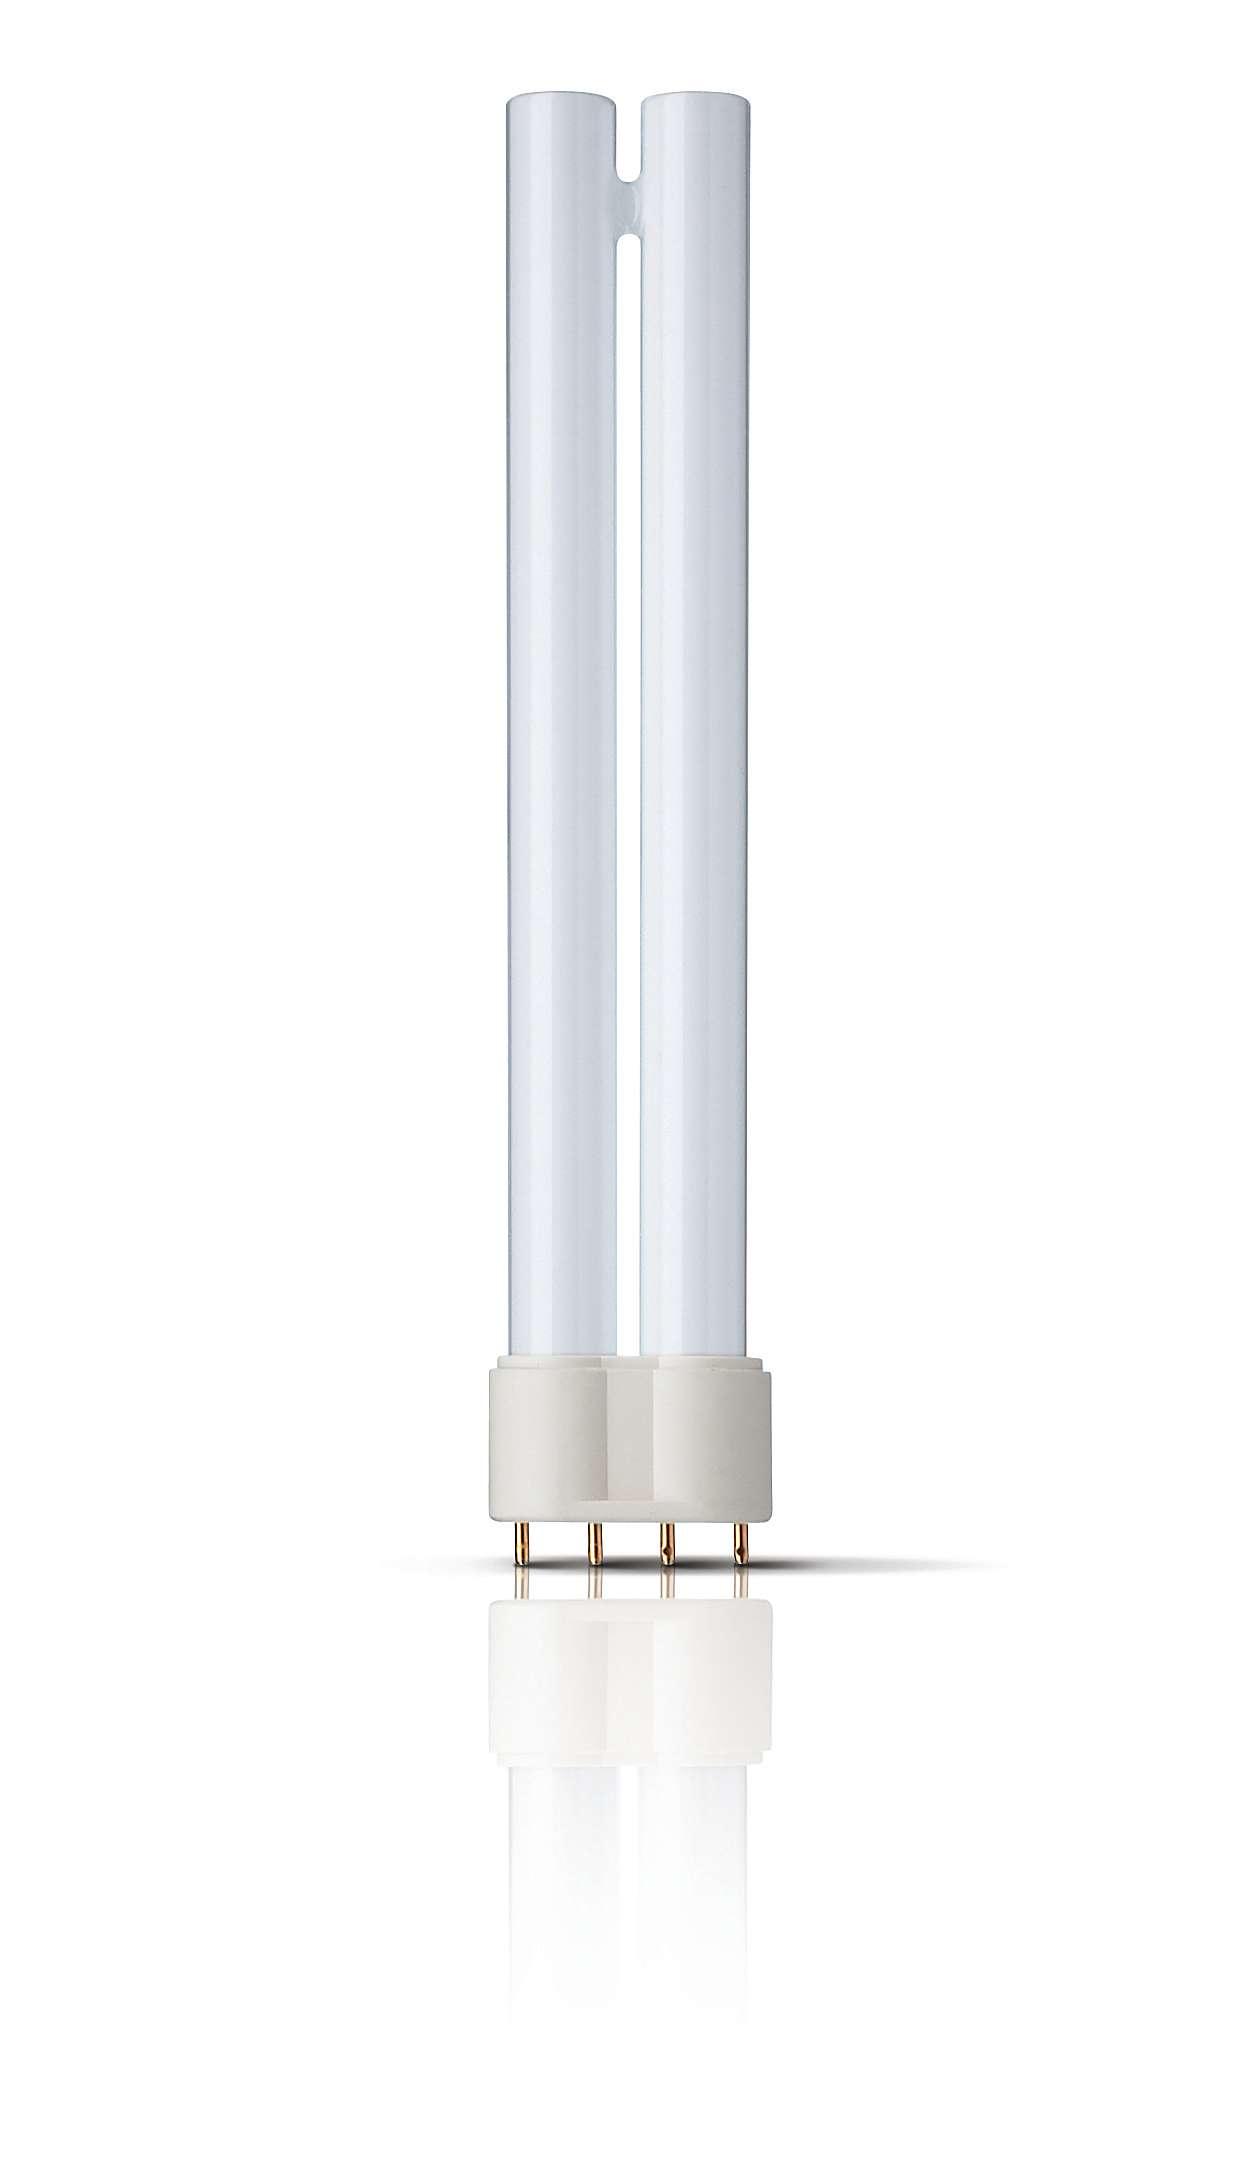 飛利浦★緊密型 省電燈管 36W PL-L 4pins ★永旭照明PH-36WPLL%4P